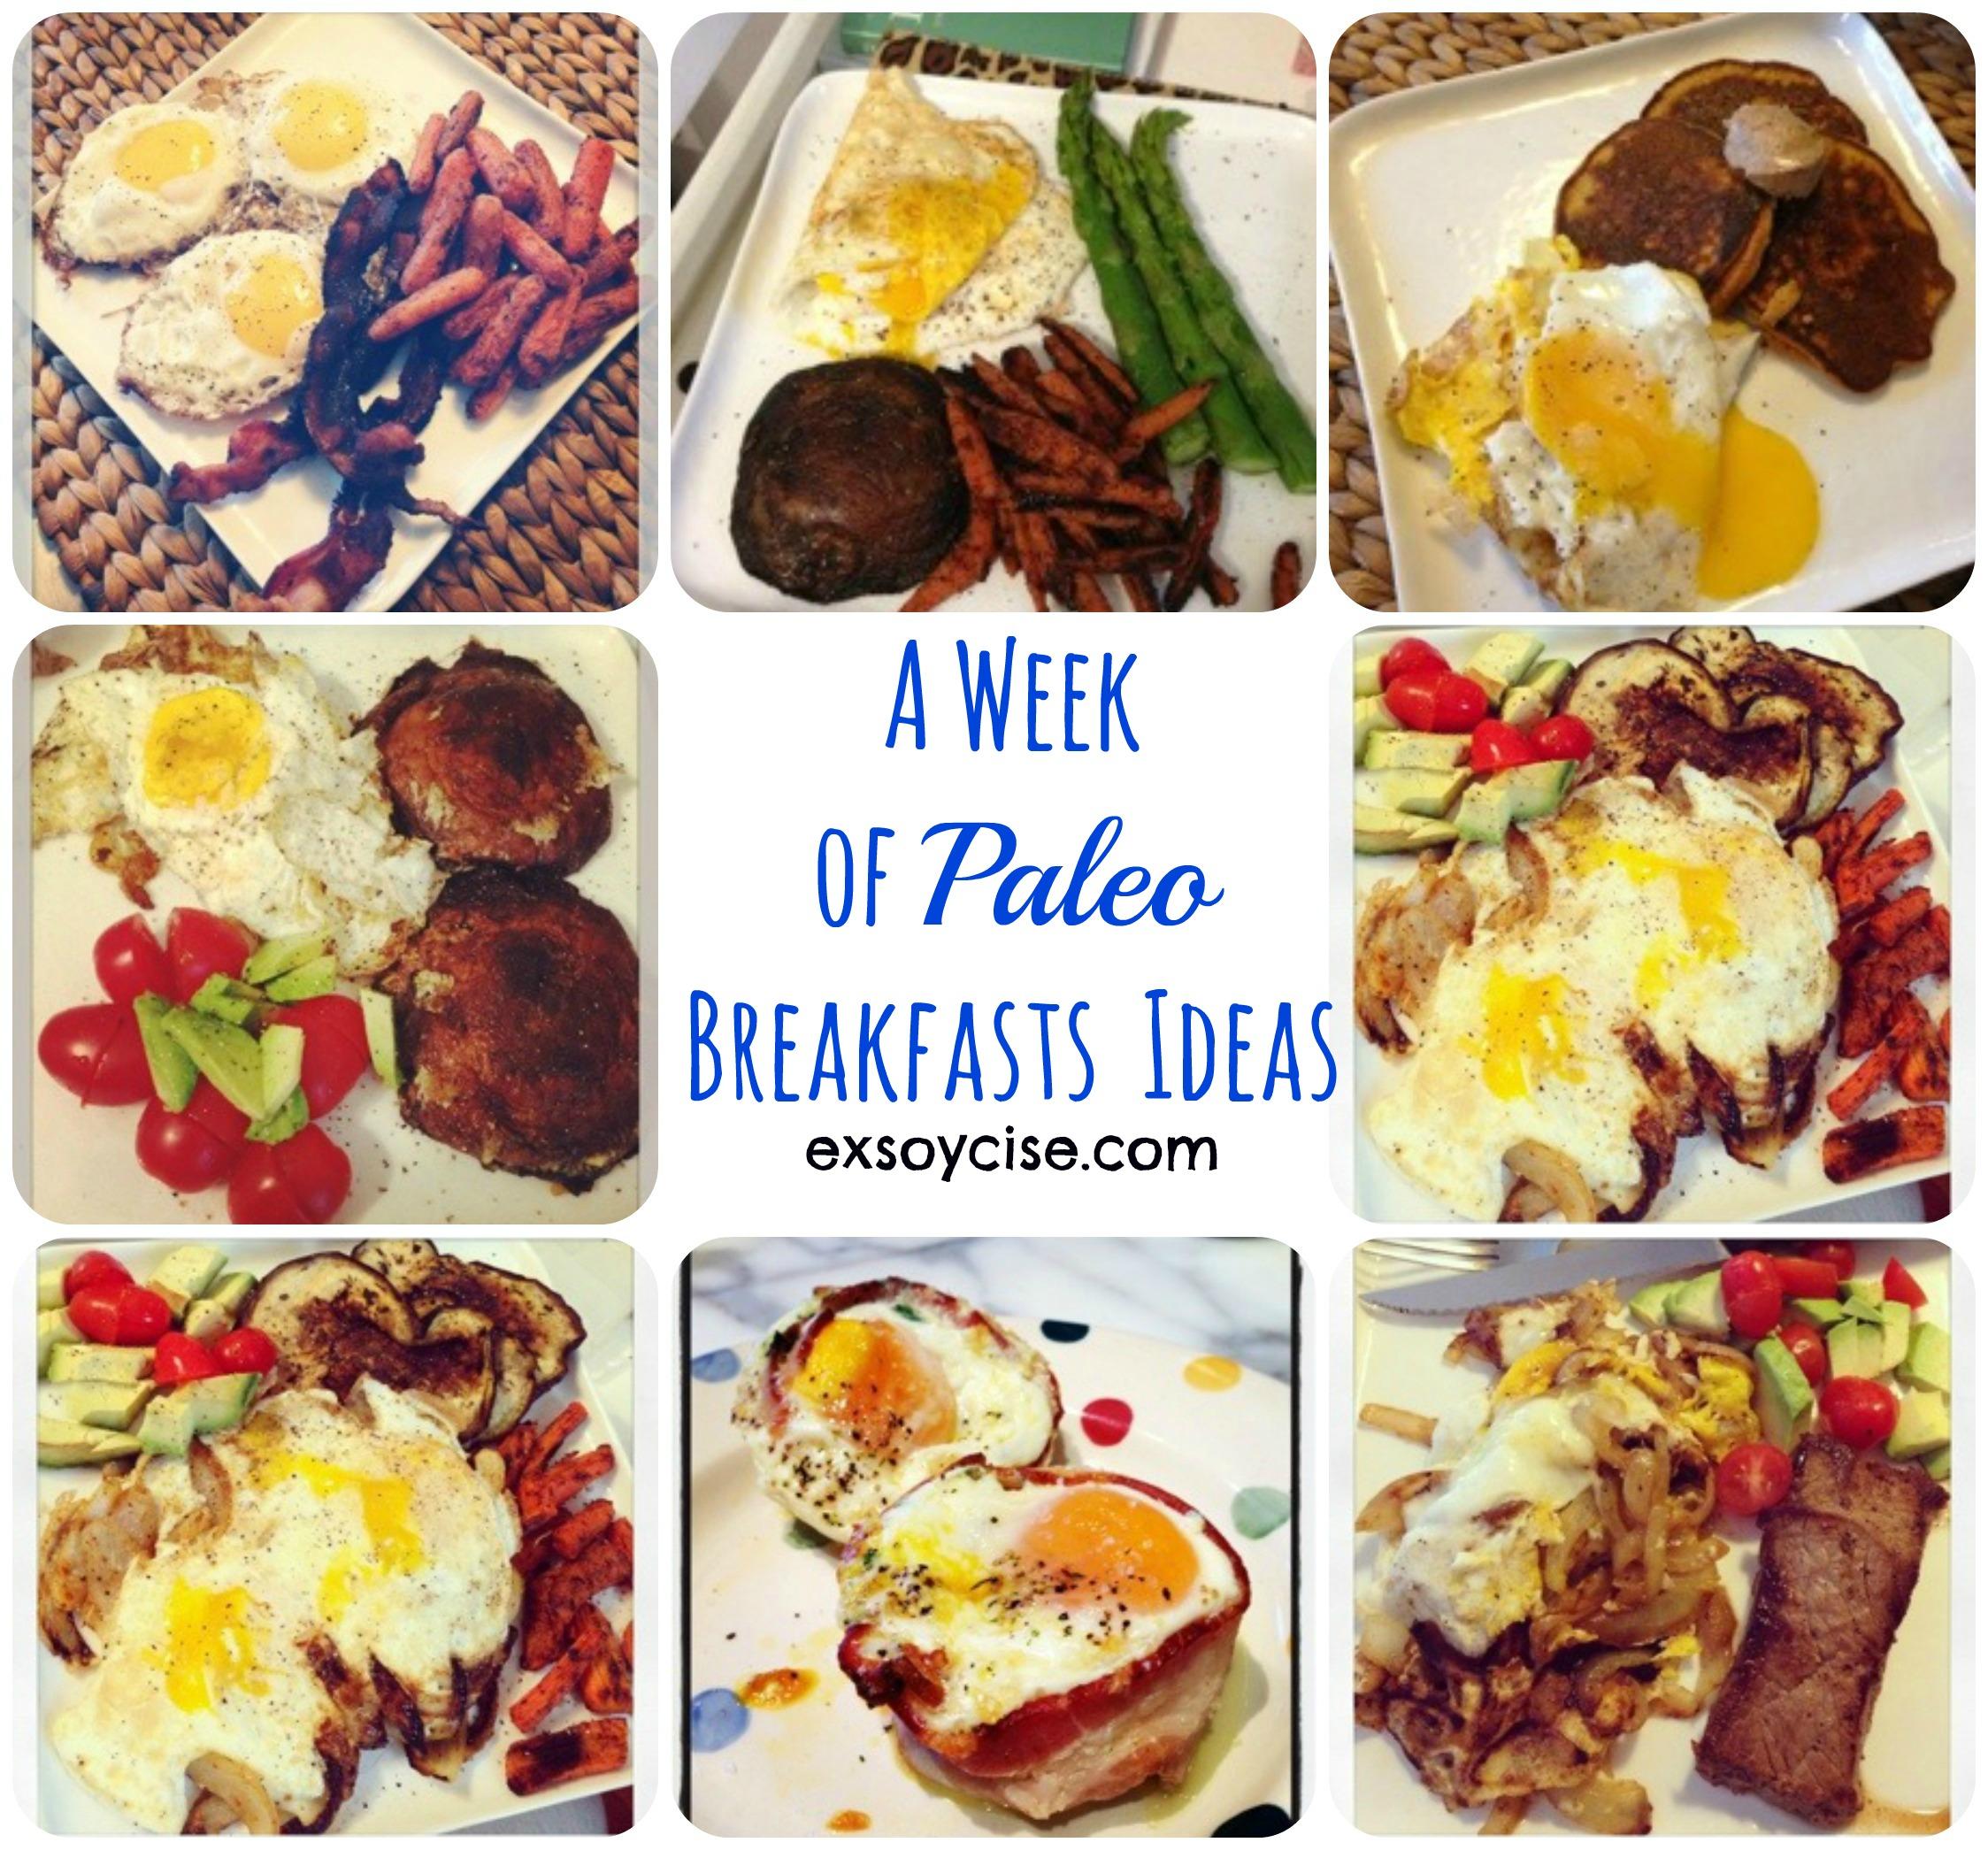 week of paleo breakfast